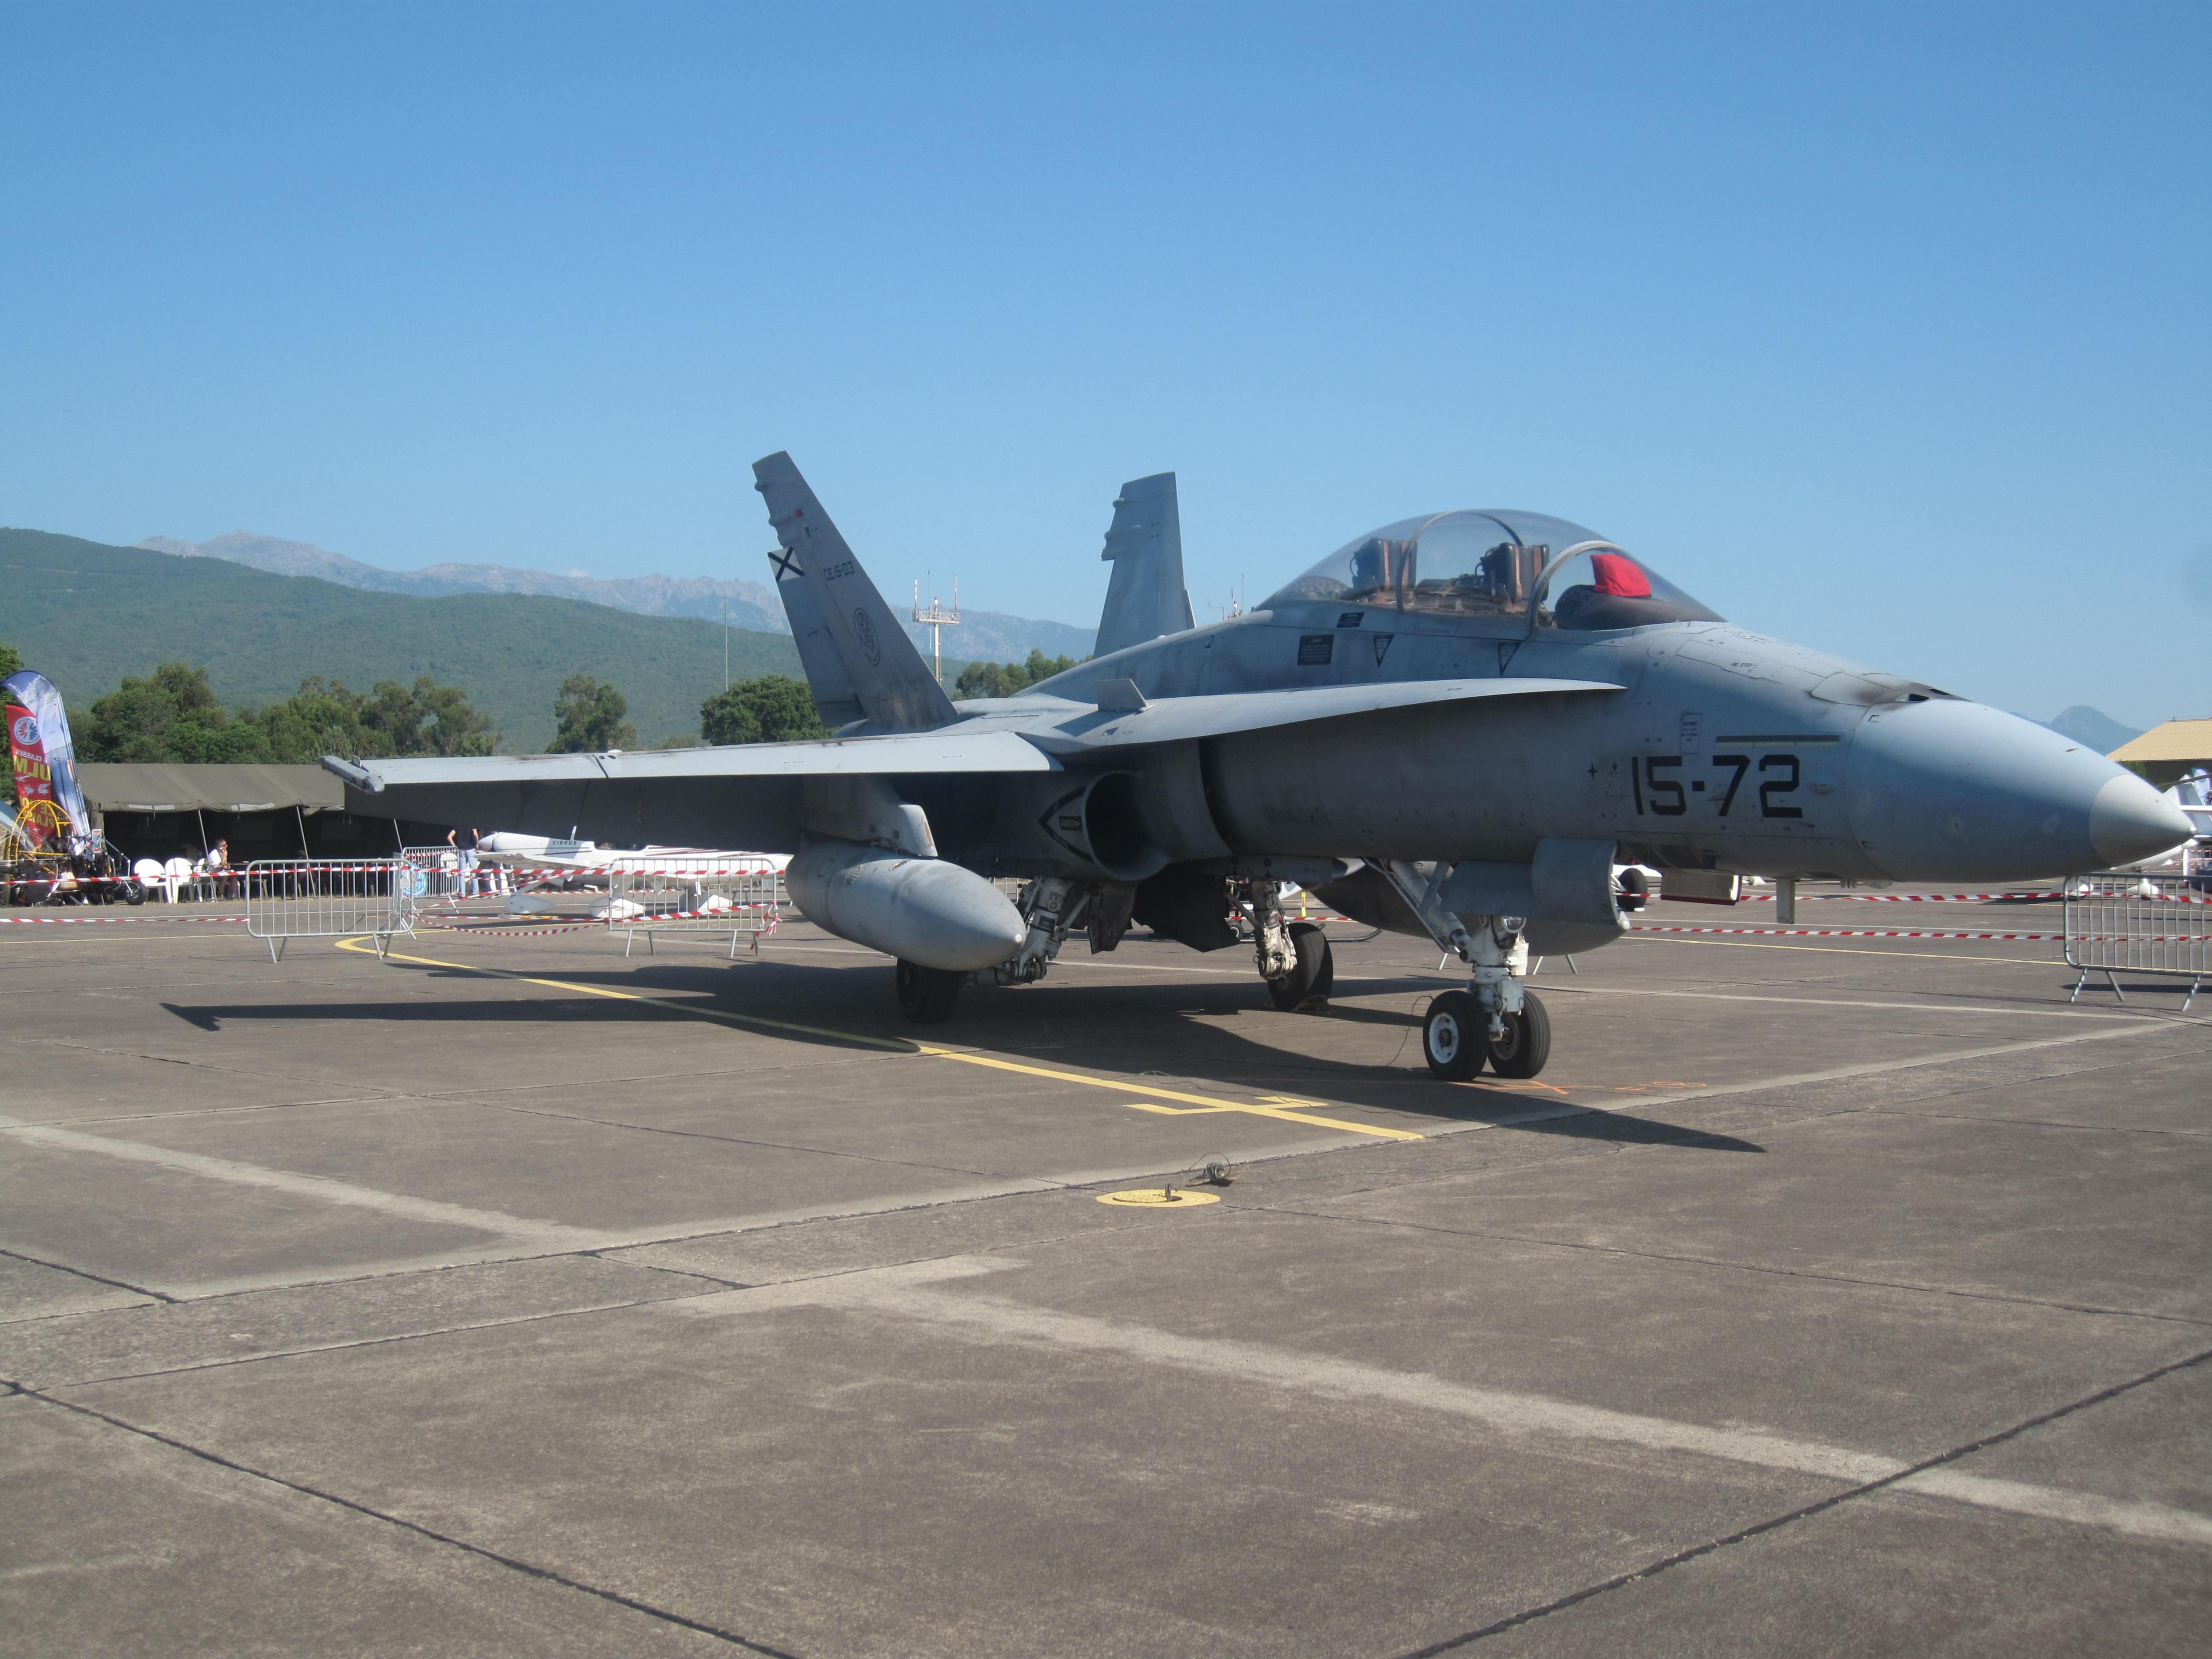 La chasse veille : un F18.